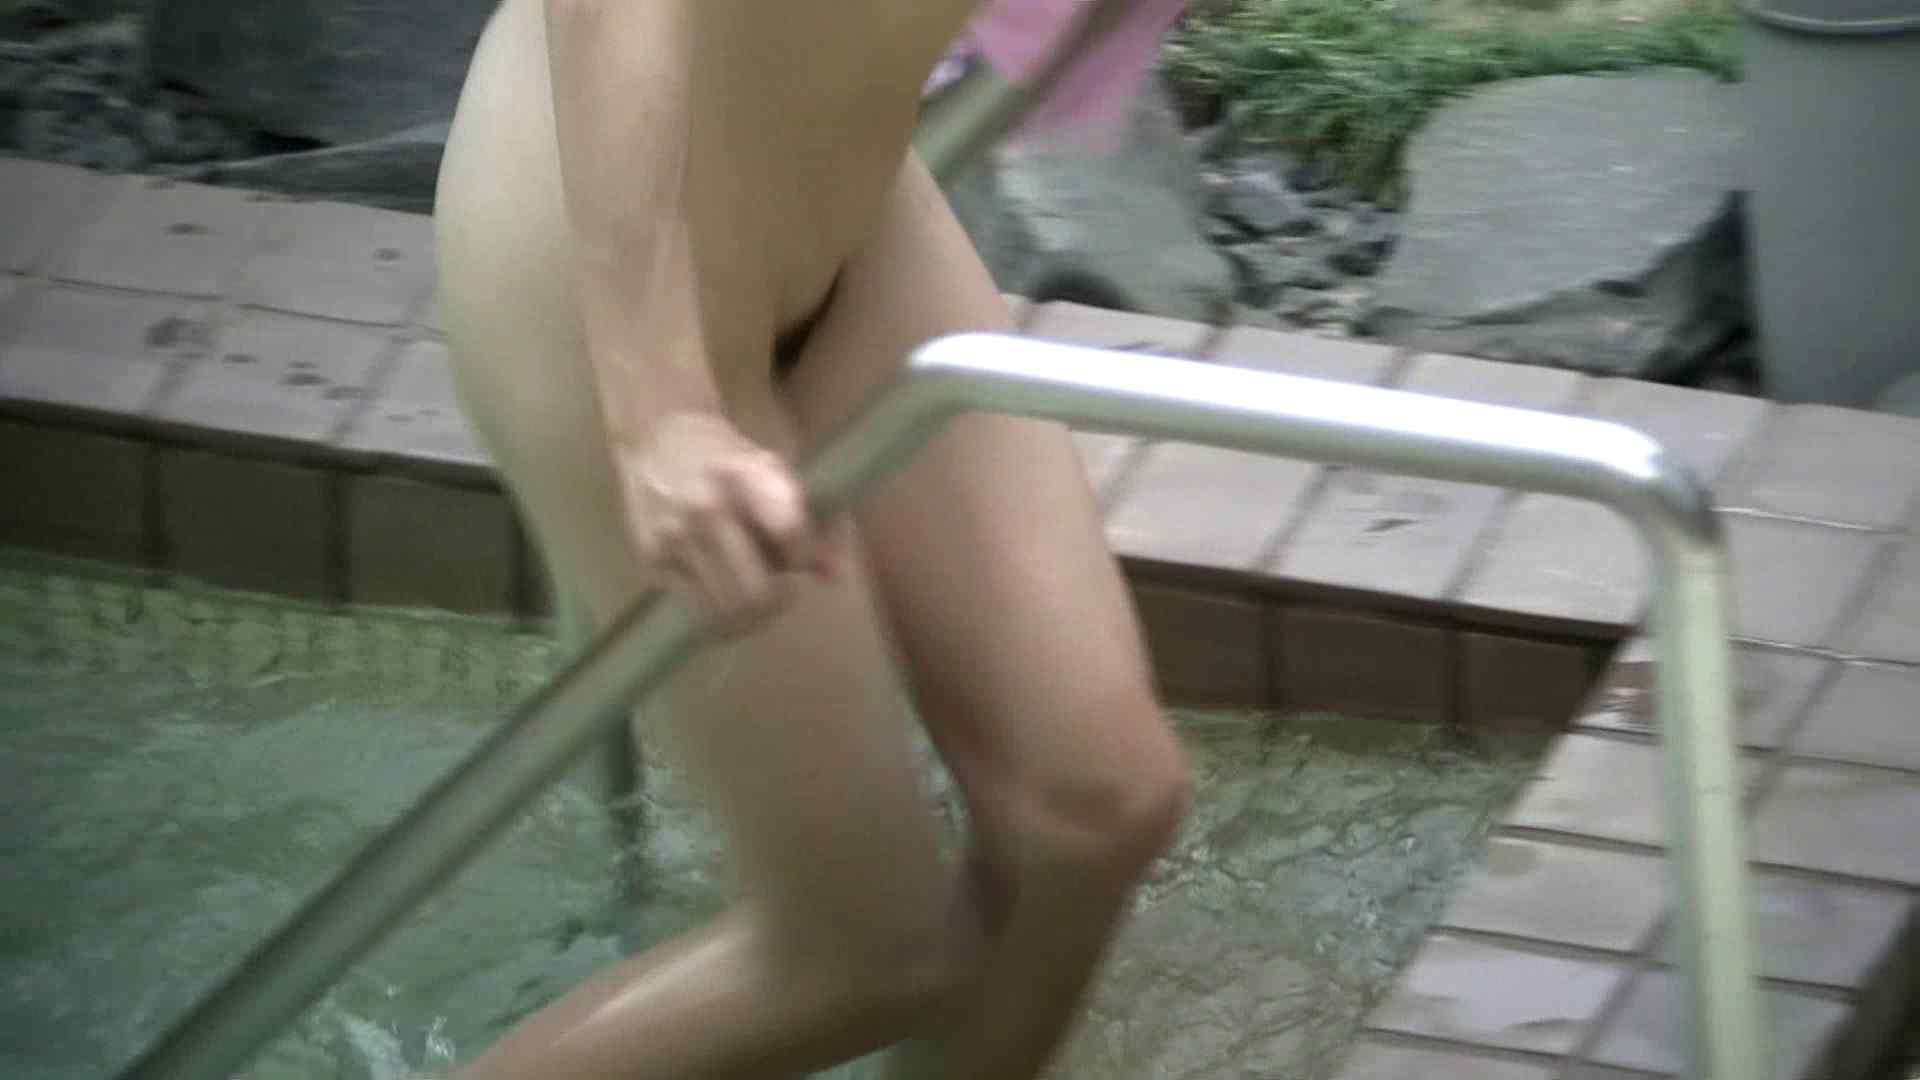 Aquaな露天風呂Vol.654 OLすけべ画像  38連発 6